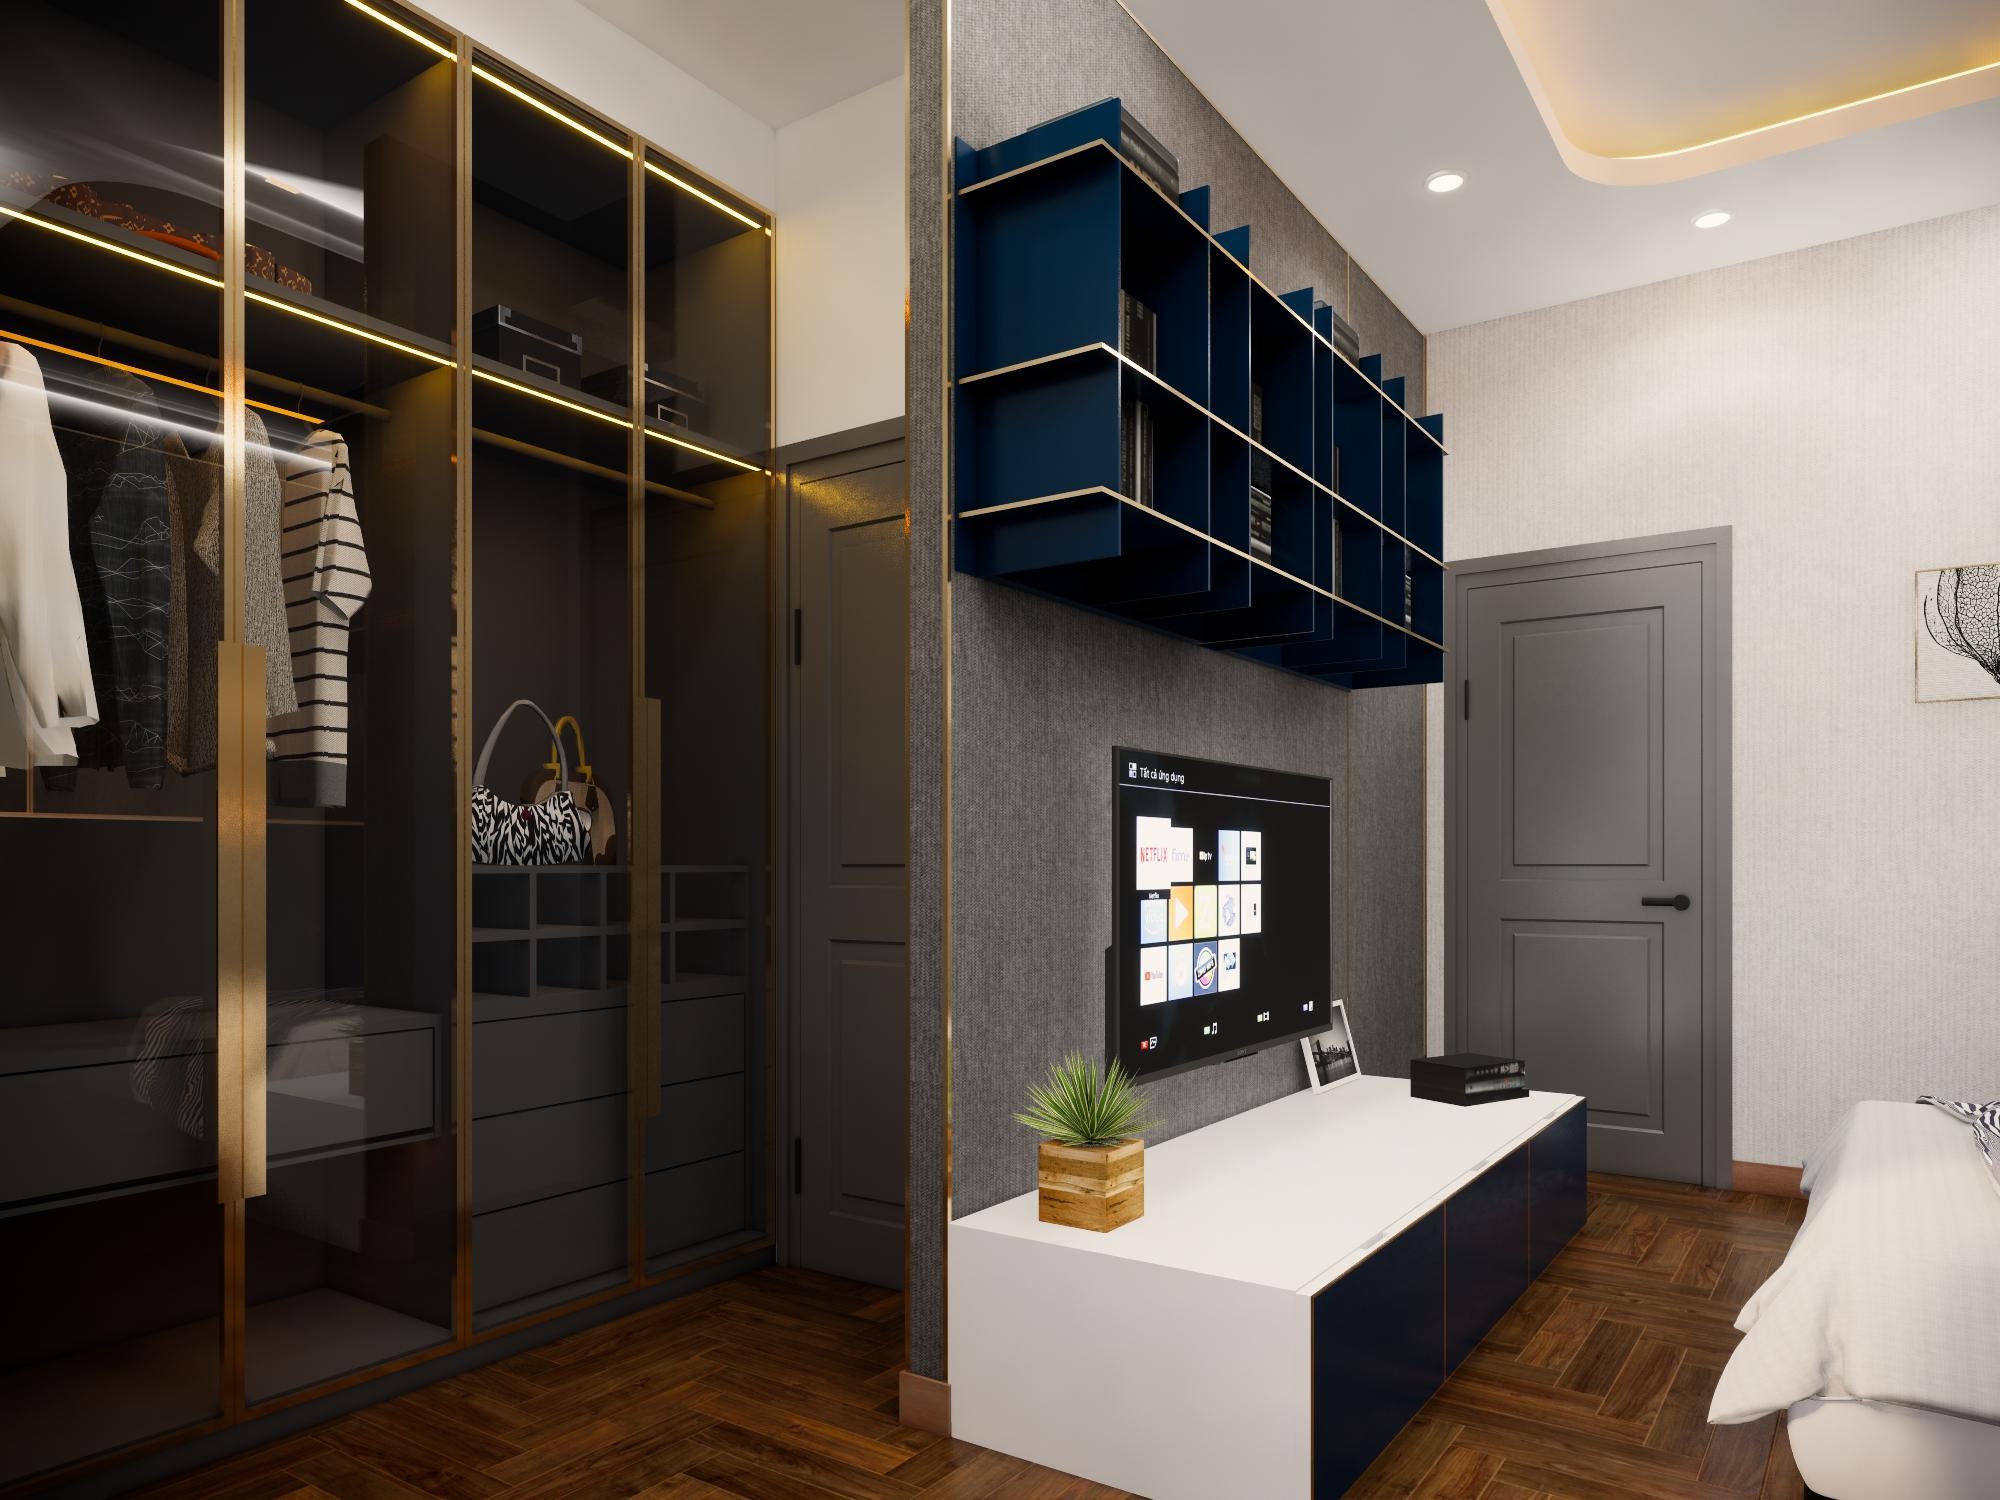 Thiết kế nội thất Nhà tại Bình Thuận NHÀ PHỐ I TRẦN THỊ PHƯƠNG LAN 1574139985 13